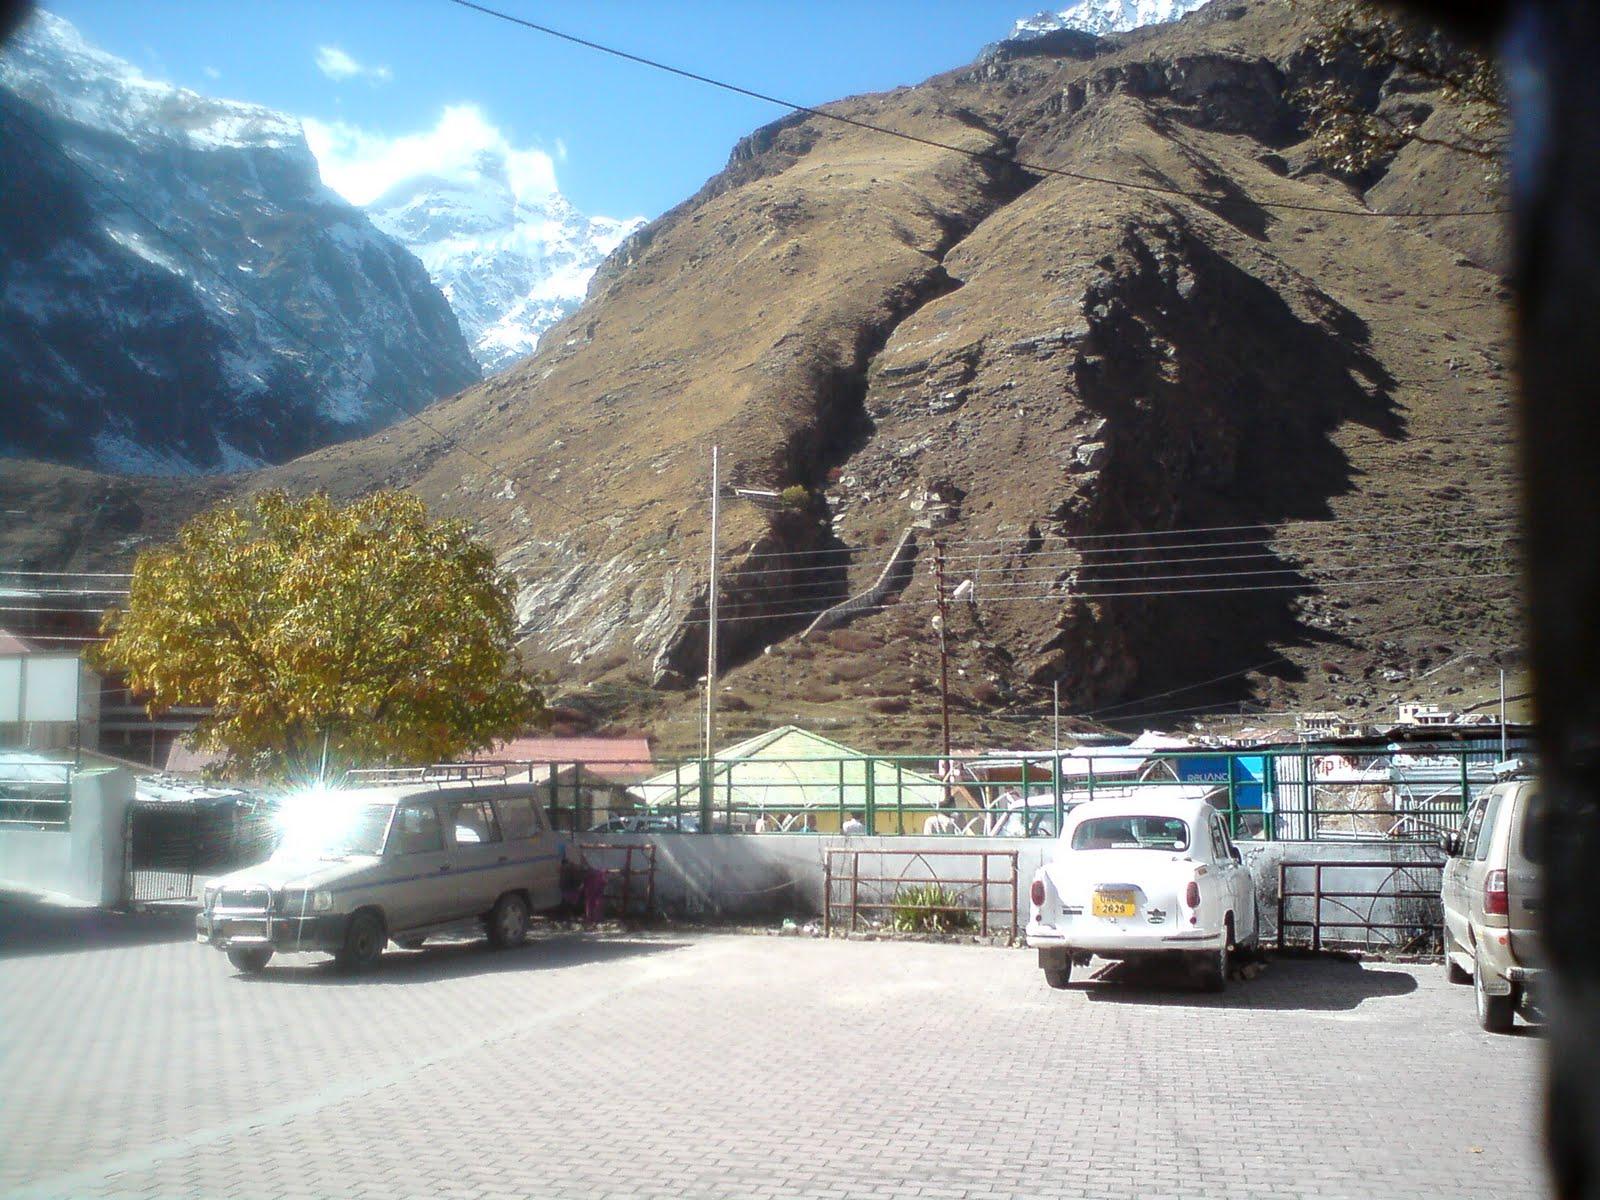 GMVN Tourist Bungalow Devlok Badrinath